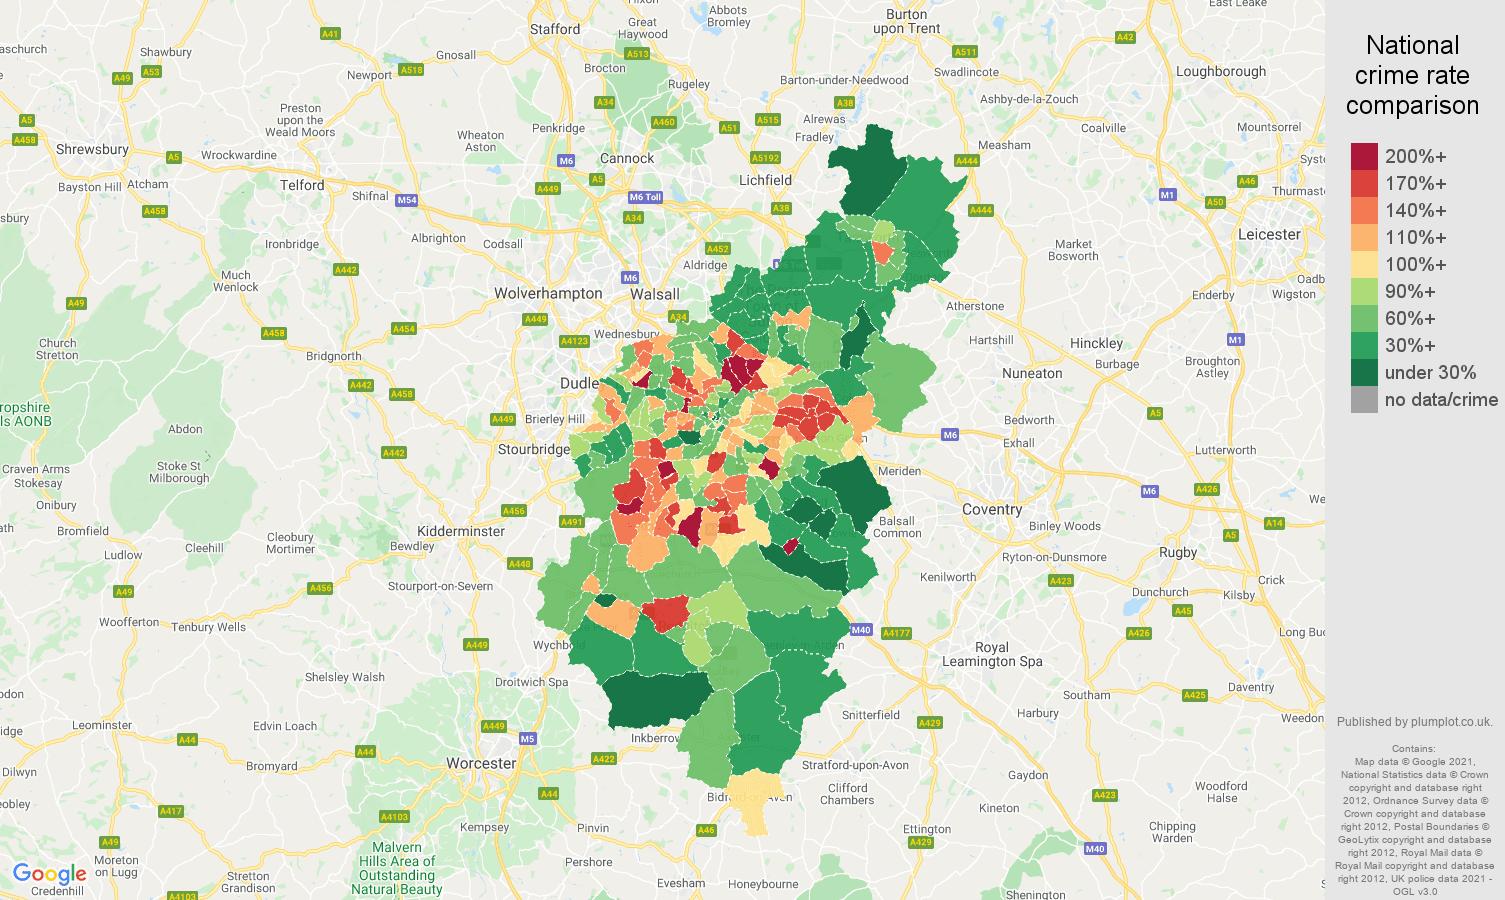 Birmingham criminal damage and arson crime rate comparison map